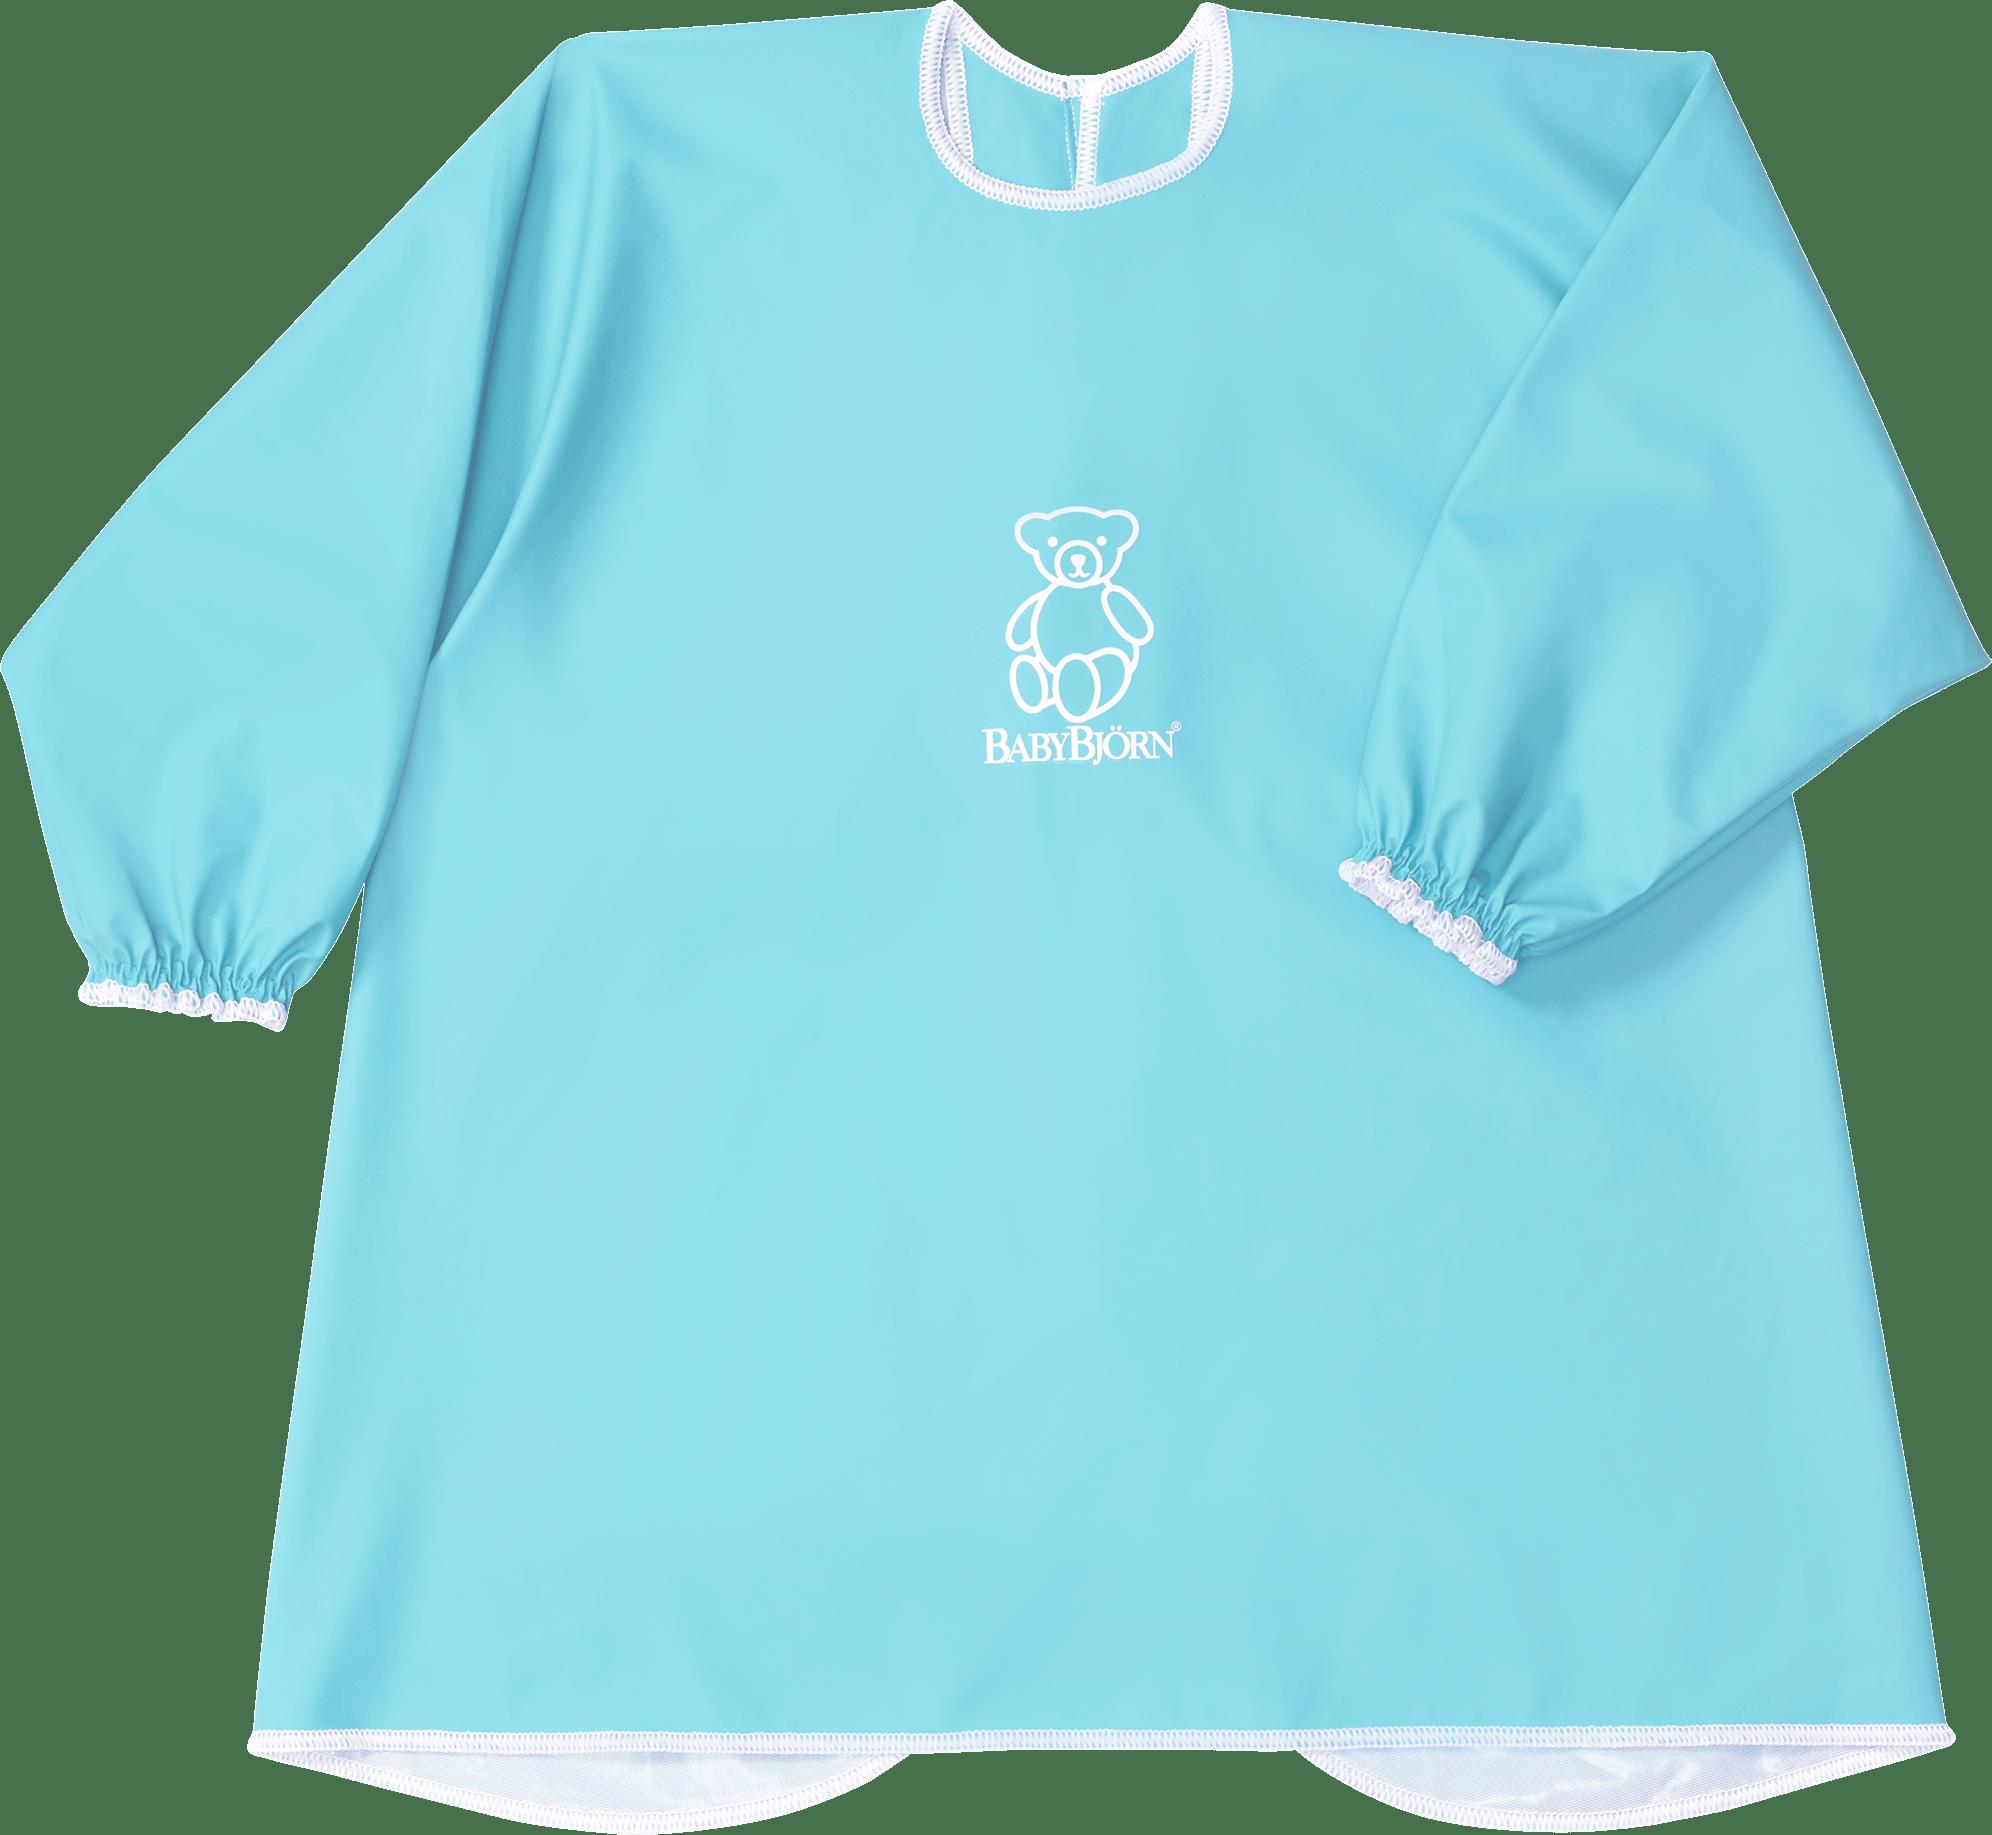 BABYBJÖRN Barnförkläde i turkos BPA-fri plast, haklapp och förkläde i ett, skyddar både fram och bak.